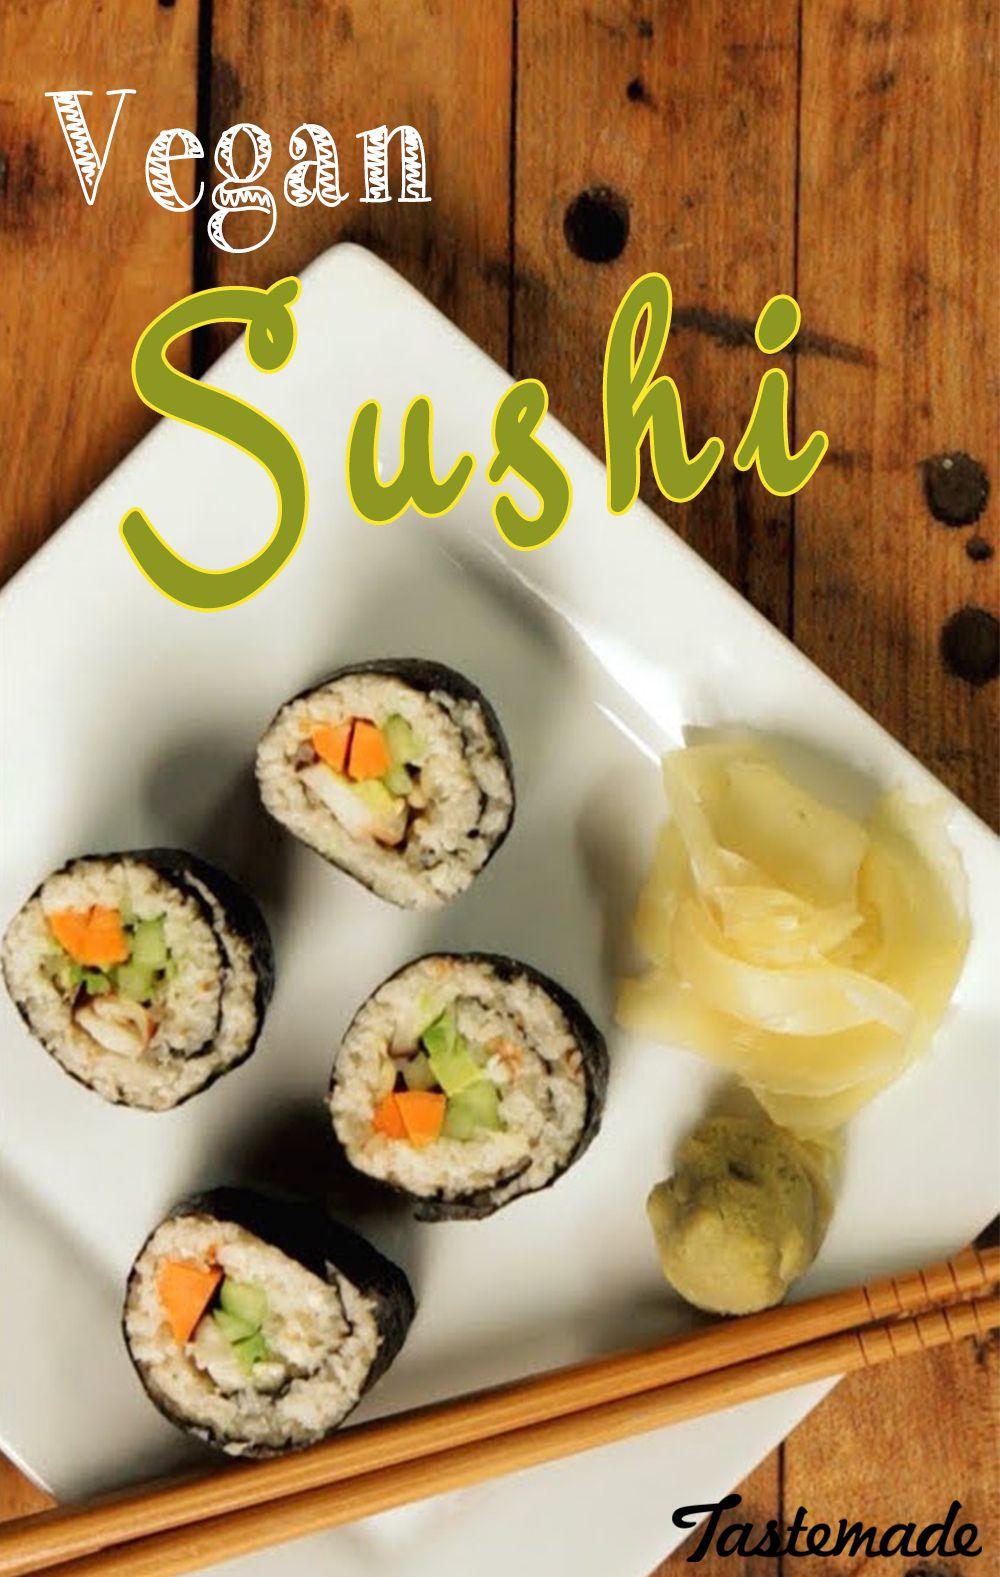 Grab your chopsticks! We're making sushi, Vegan Sushi that is. Domo arigato.